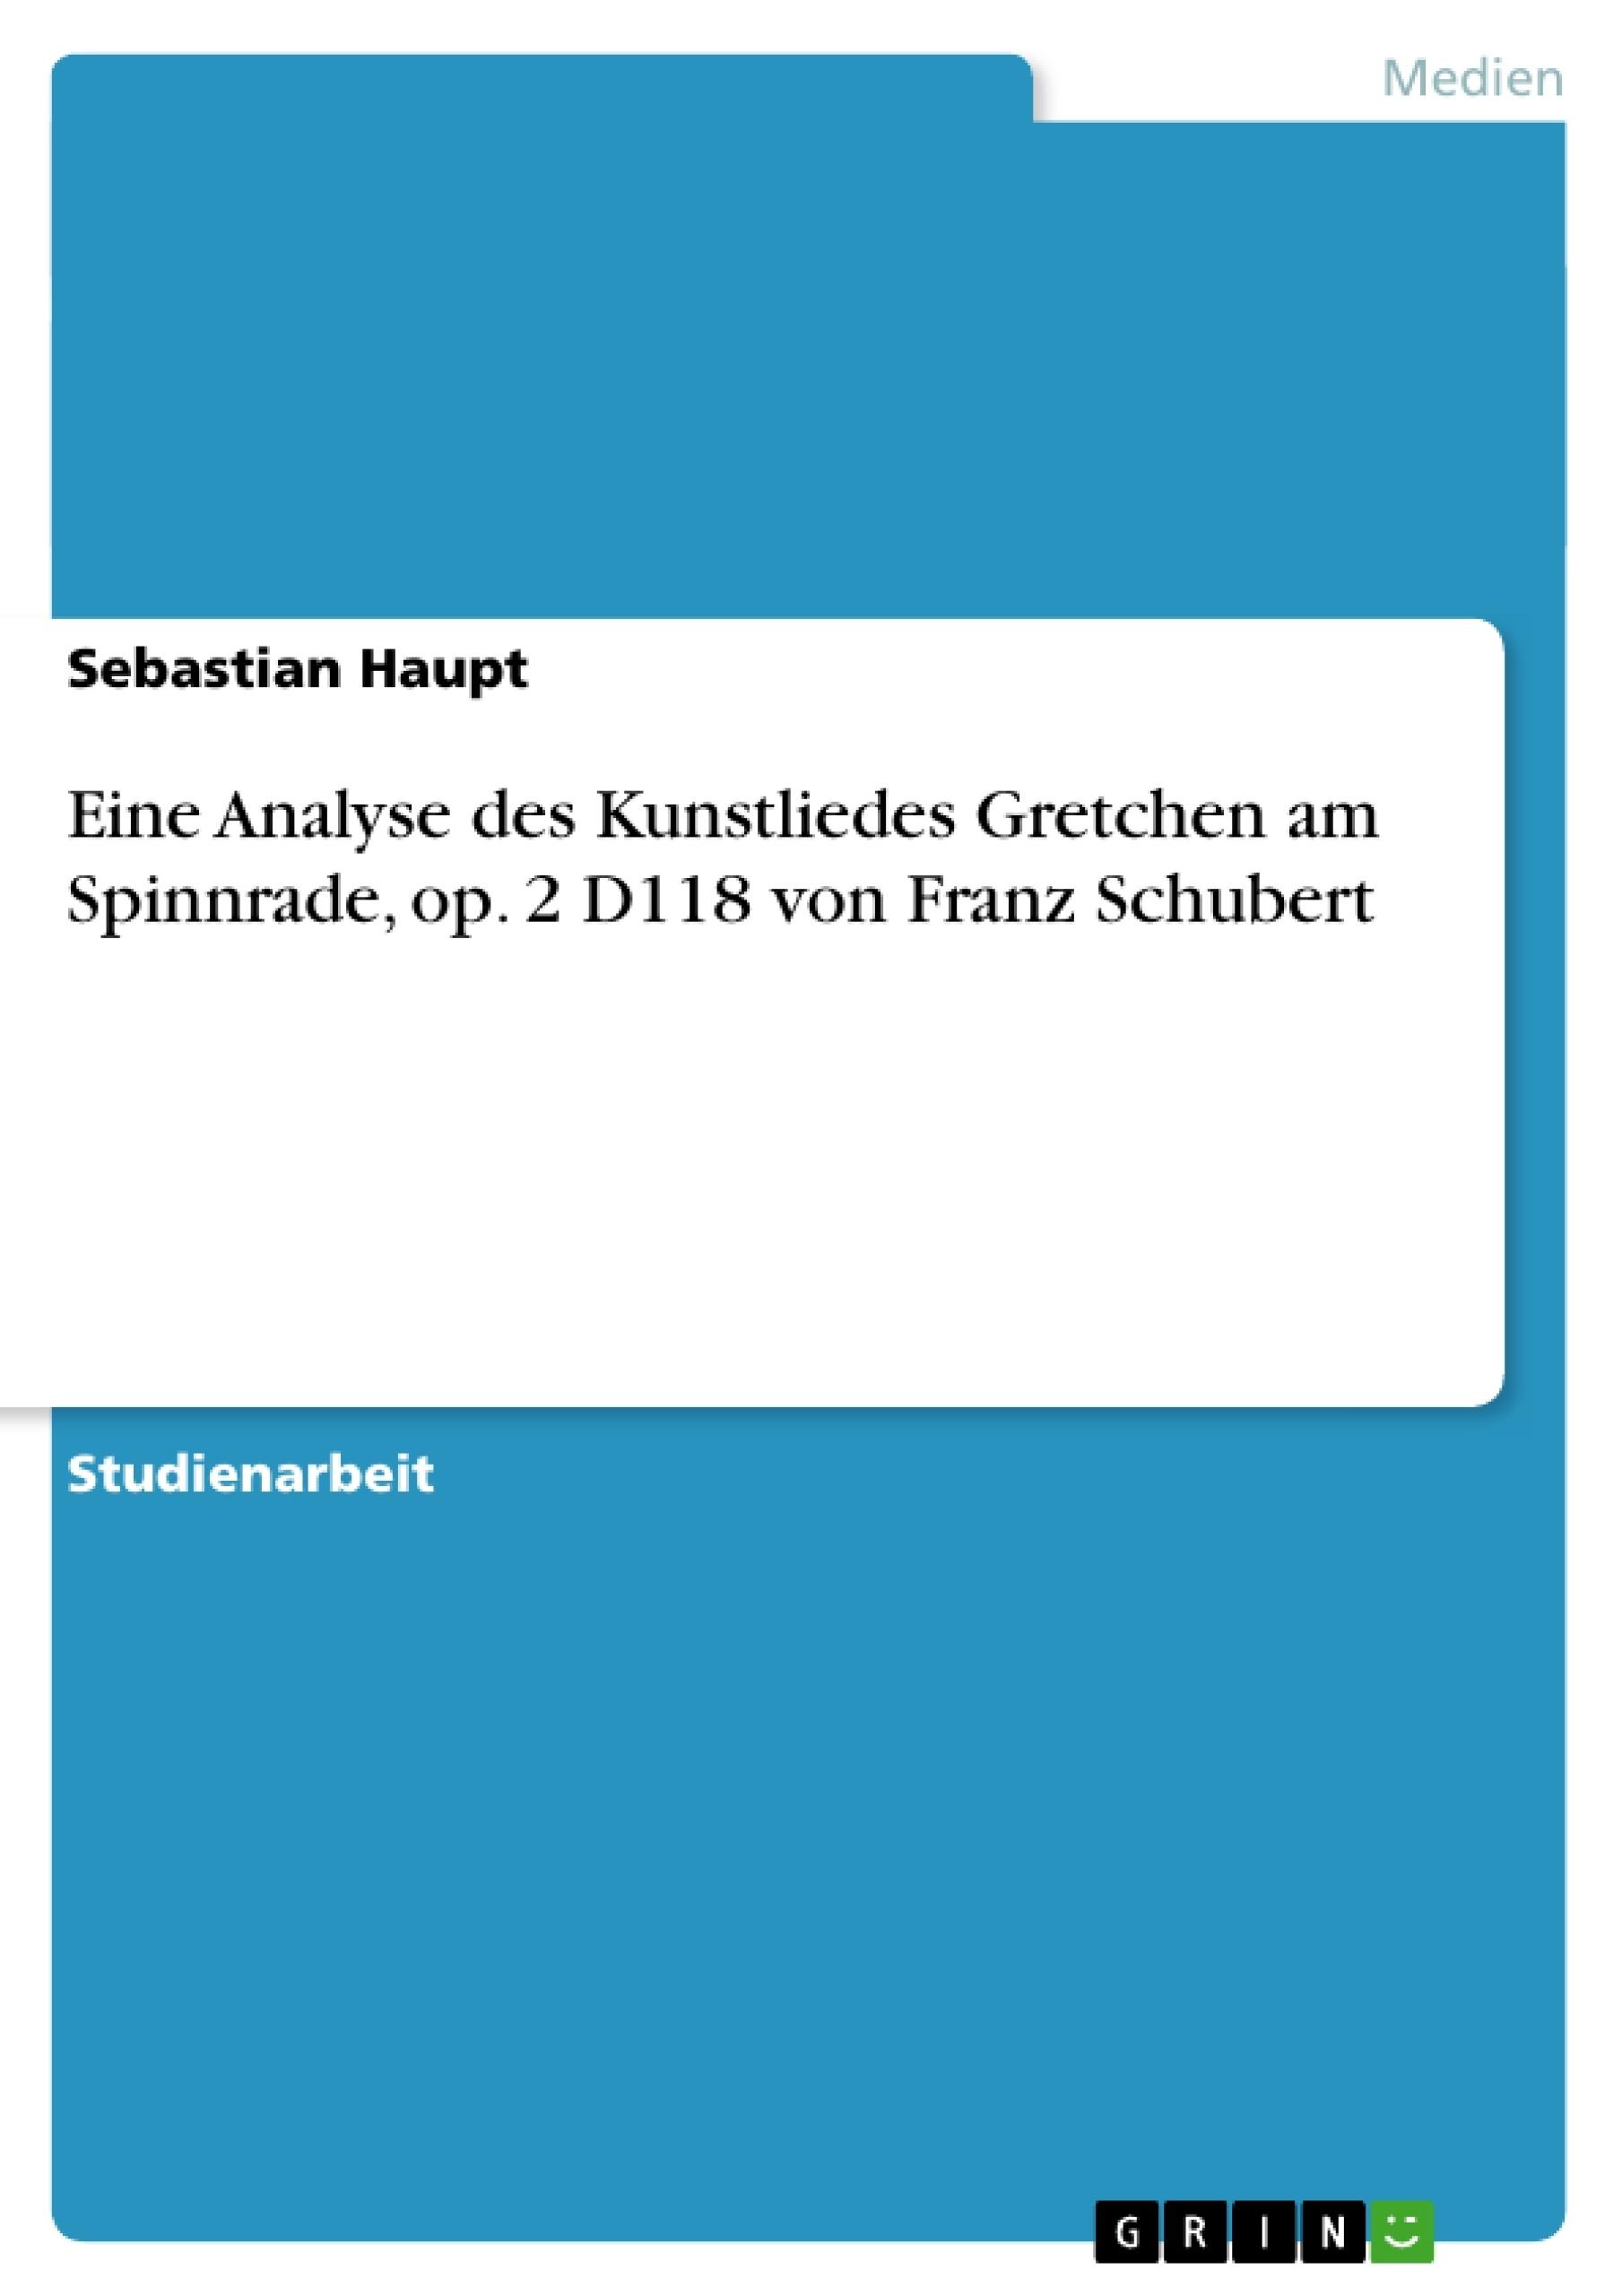 Titel: Eine Analyse des Kunstliedes Gretchen am Spinnrade, op. 2 D118 von Franz Schubert